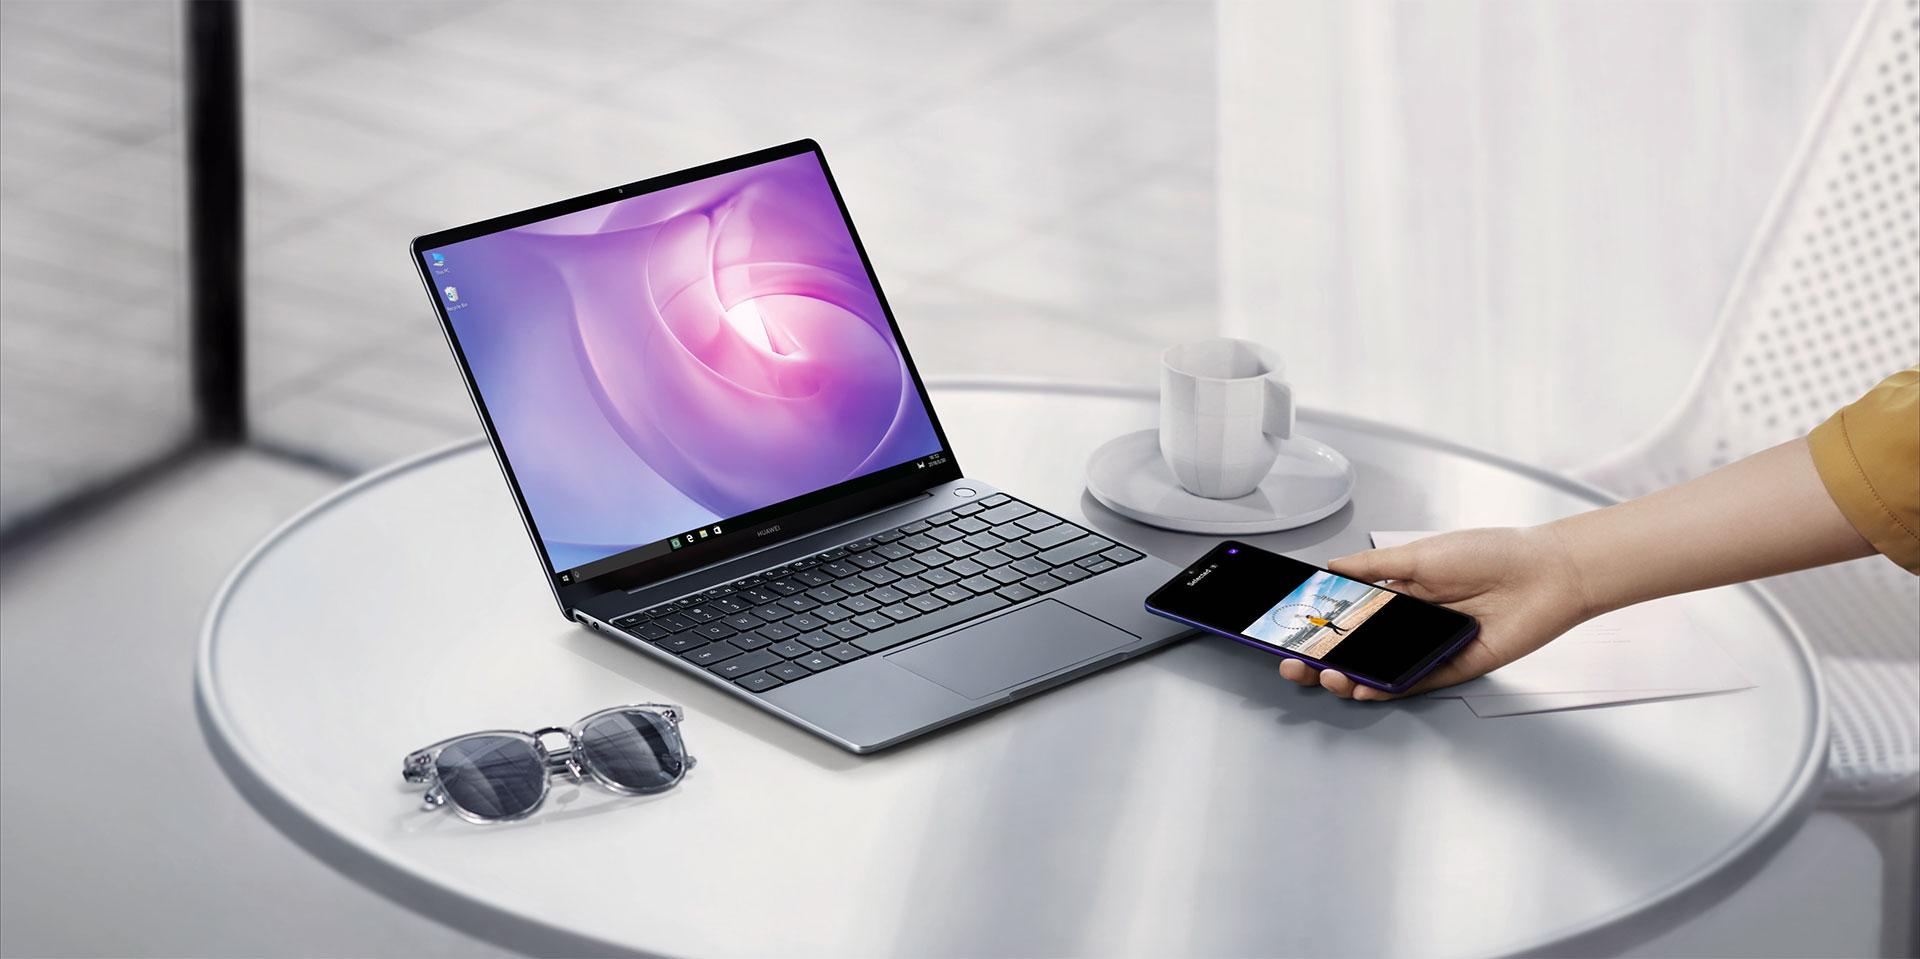 微软官方商城下架了华为笔记本电脑,Windows 授权可能会被撤销